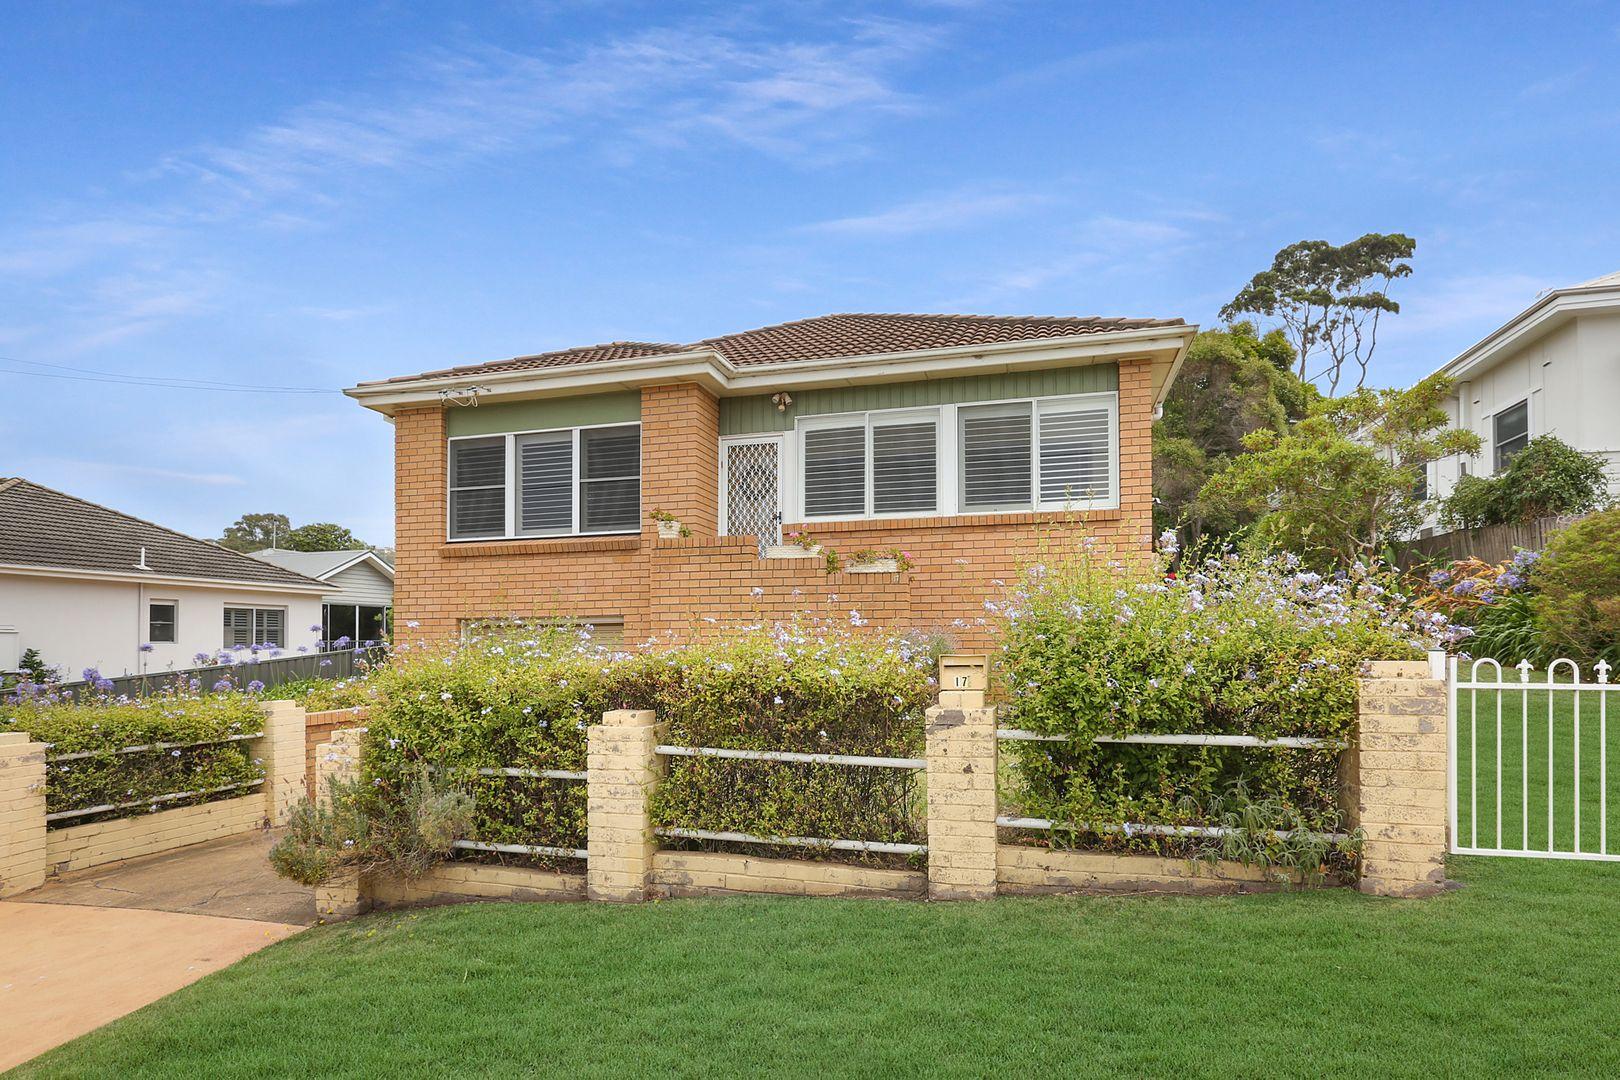 17 Eddy Street, Kiama NSW 2533, Image 0